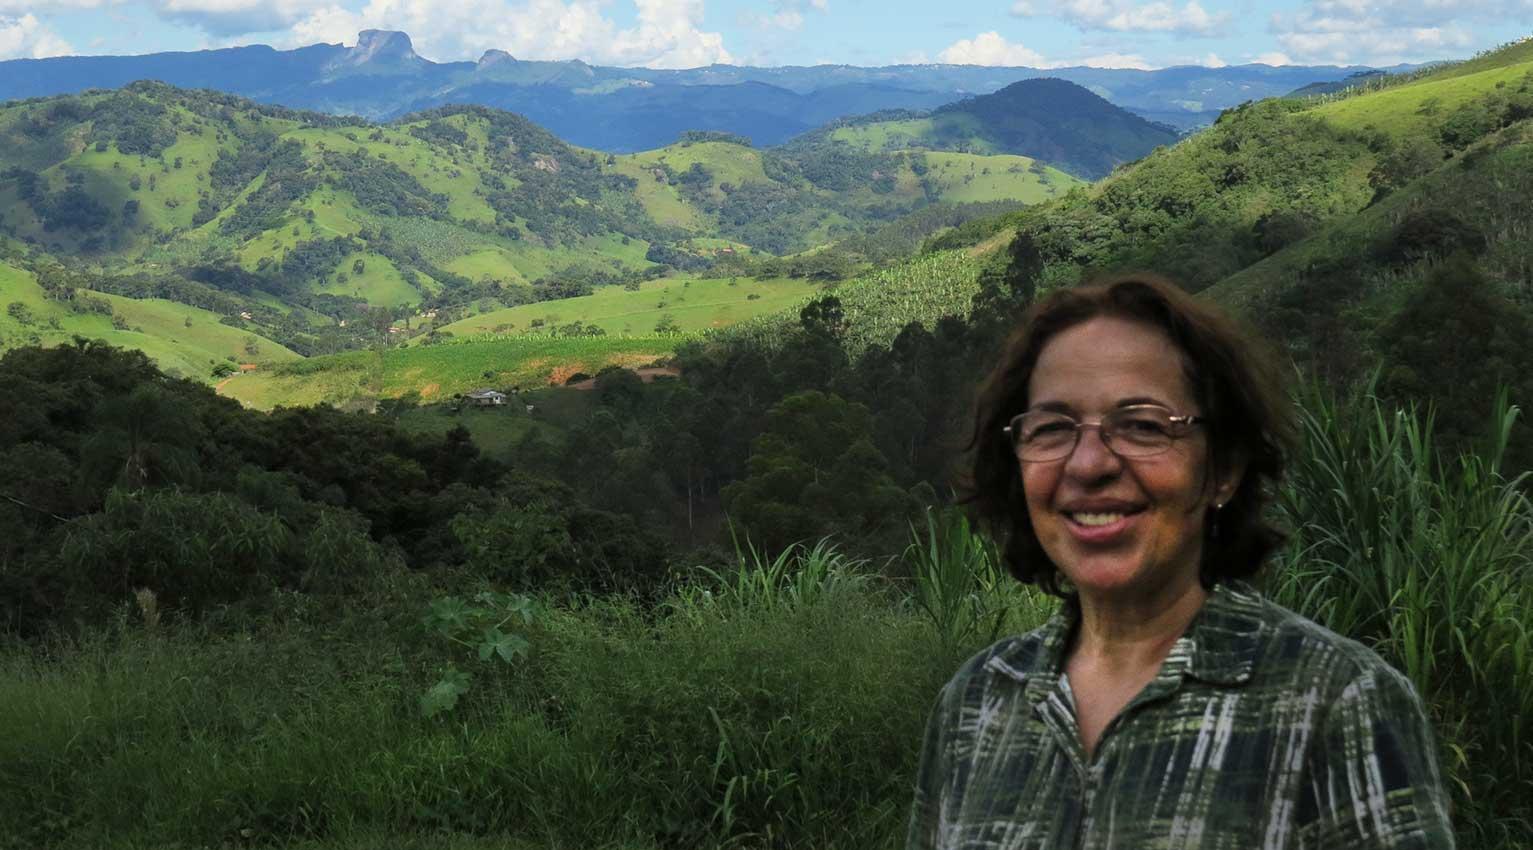 Zezé é proprietária do Sítio Três Barras de onde se tem essa linda vista das montanhas - Foto: Amandina Morbeck.